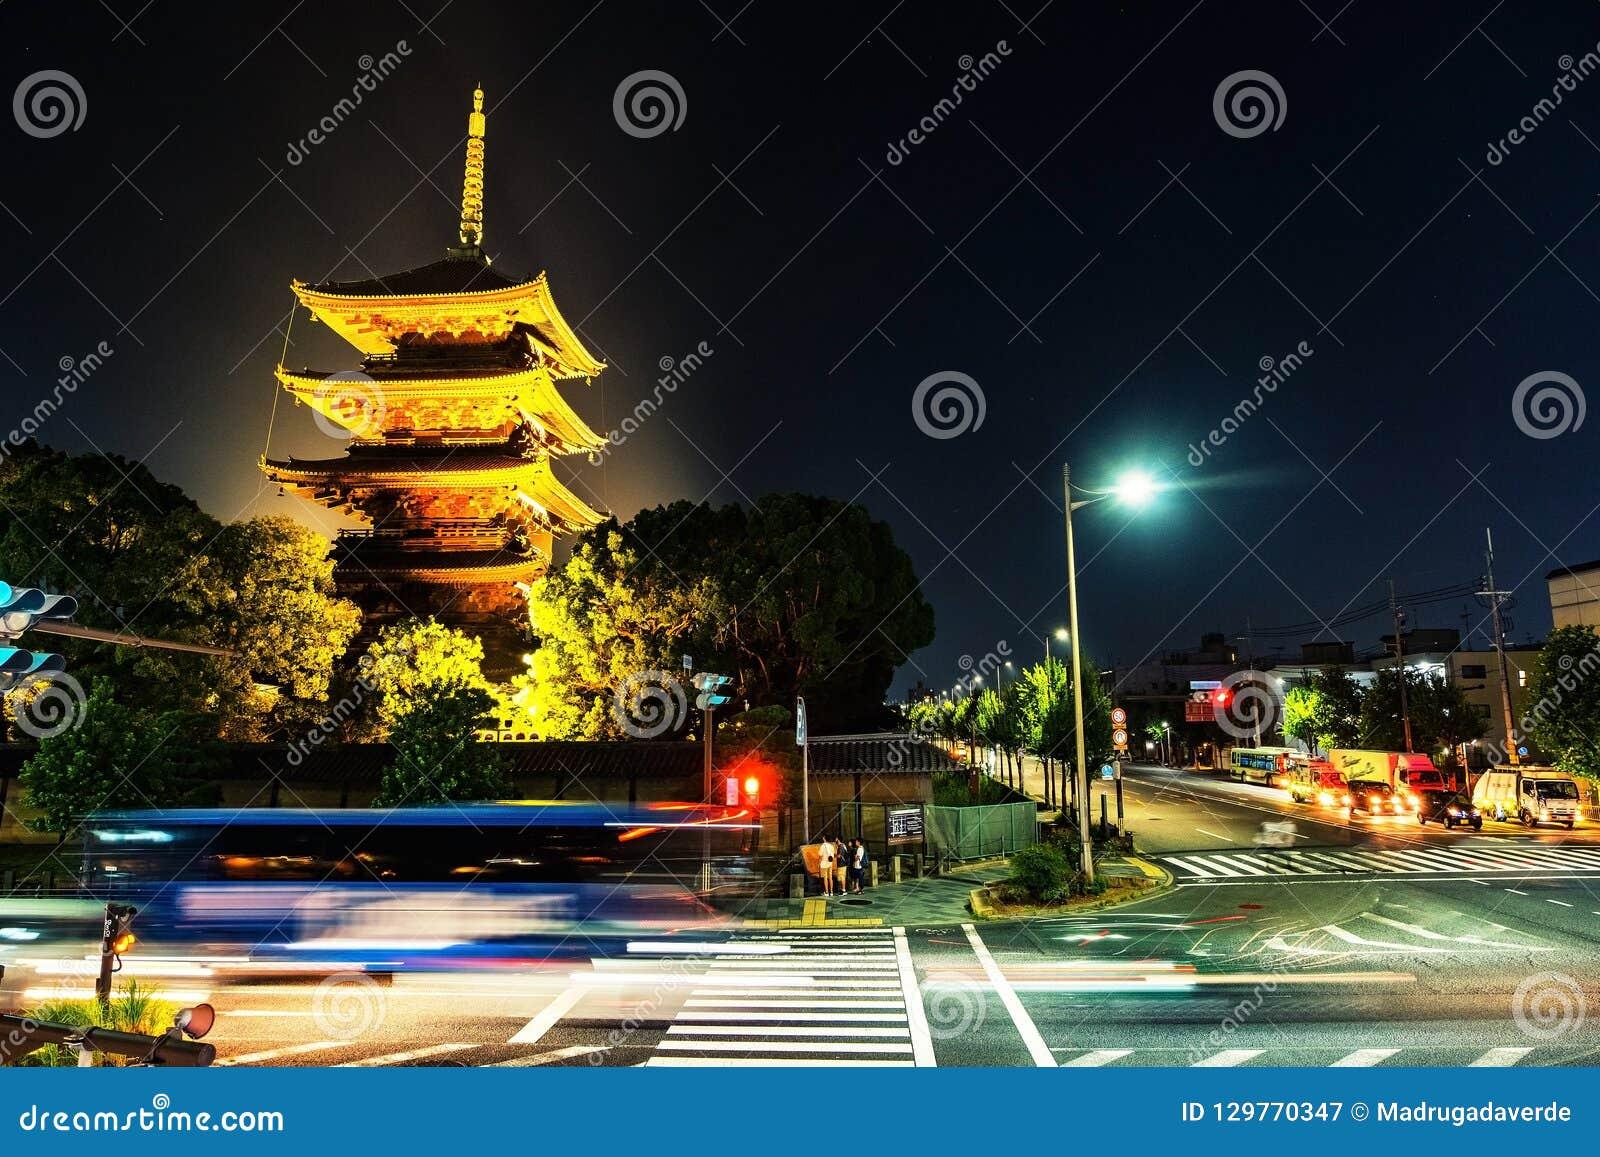 Illuminated Toji Temple in Kyoto, Japan